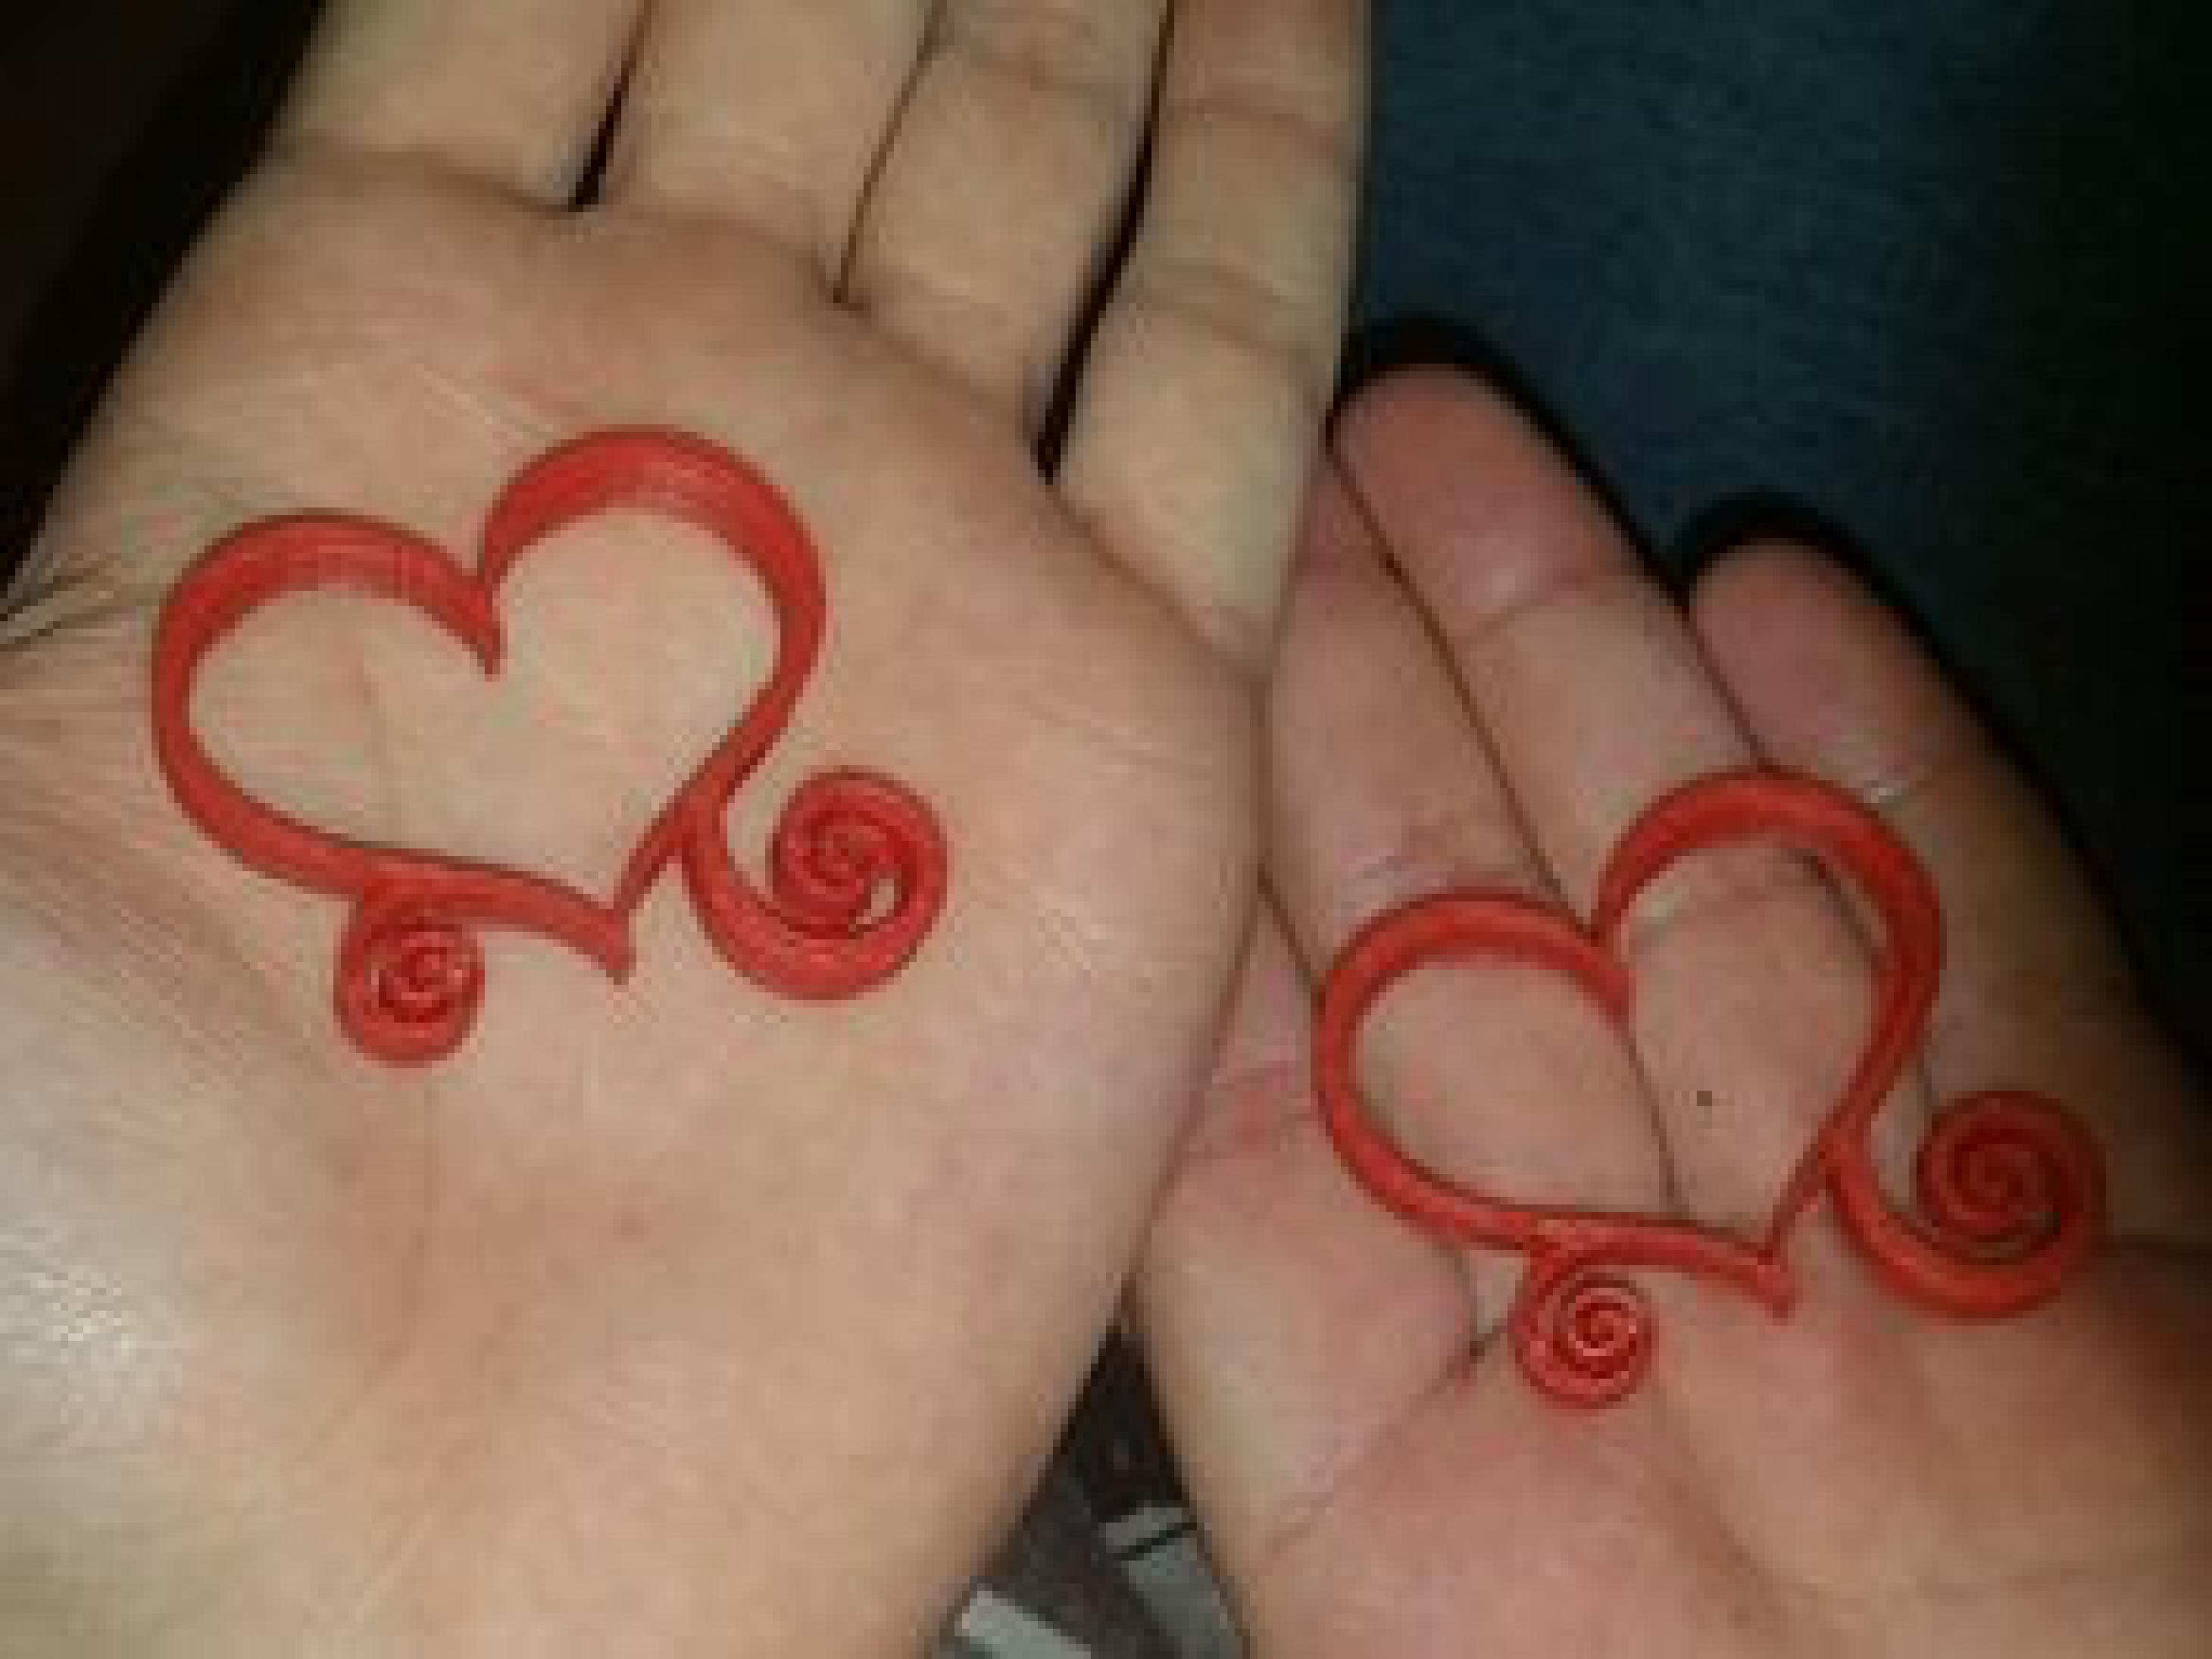 Kalp Şeklinde Biblo Dekoratif Dekor Aşk Sembolü Sevgiliye Hediye